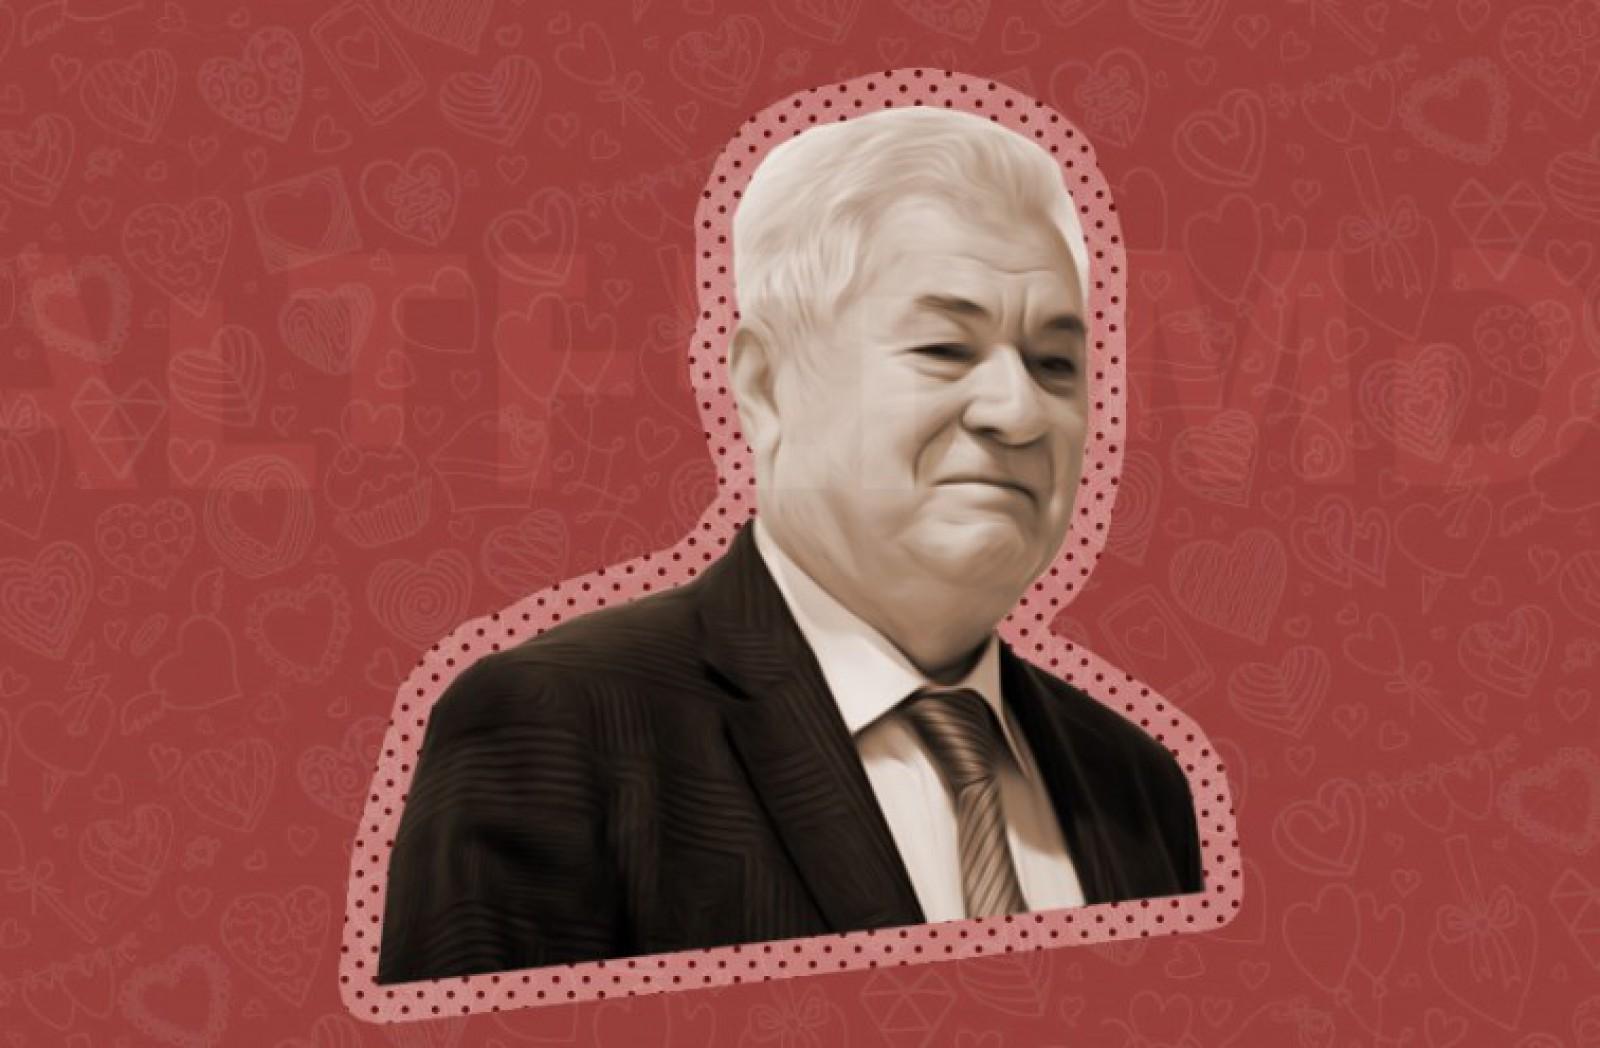 (#Altfel) Plahotniuc, Voronin sau Dodon de Ziua Îndrăgostiților… Ce cred despre dragoste politicienii moldoveni